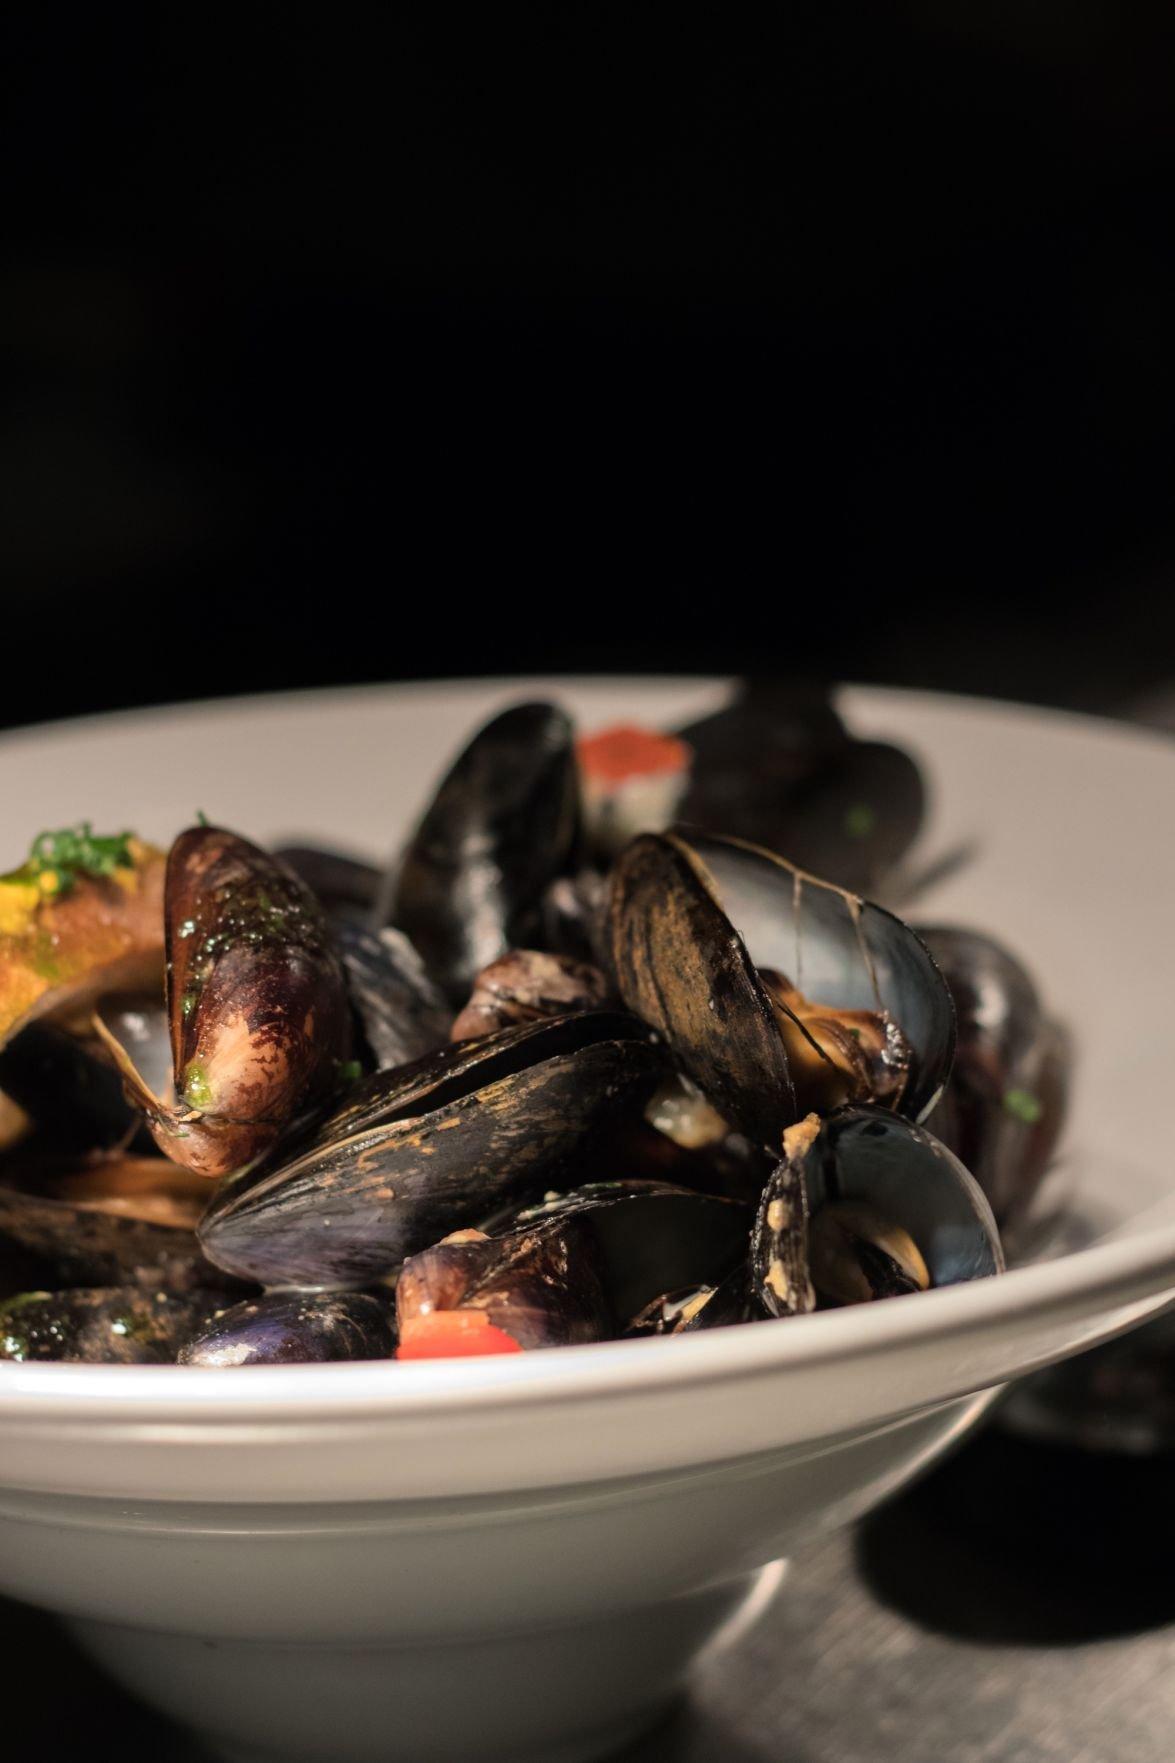 031519_MDJ_LocalOnNorth_Mussels.jpg